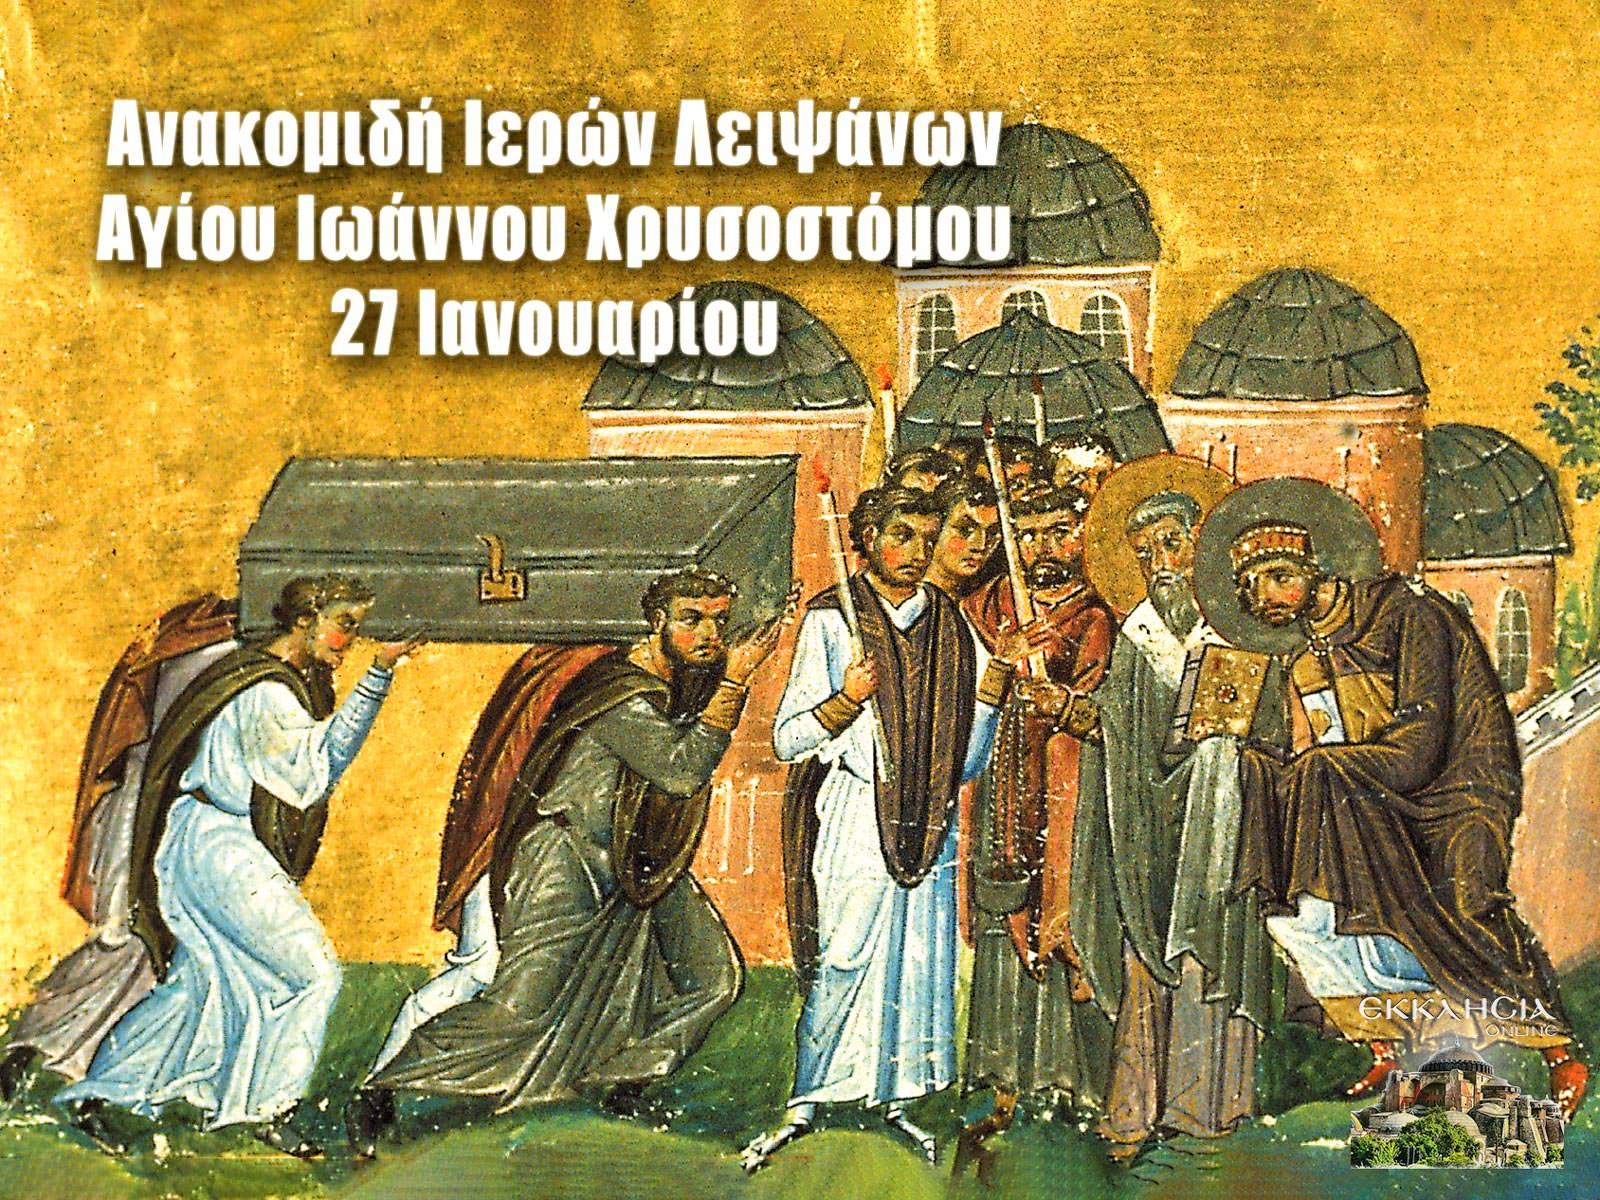 Ανακομιδή Ιερών Λειψάνων Χρυσοστόμου 27 Ιανουαρίου